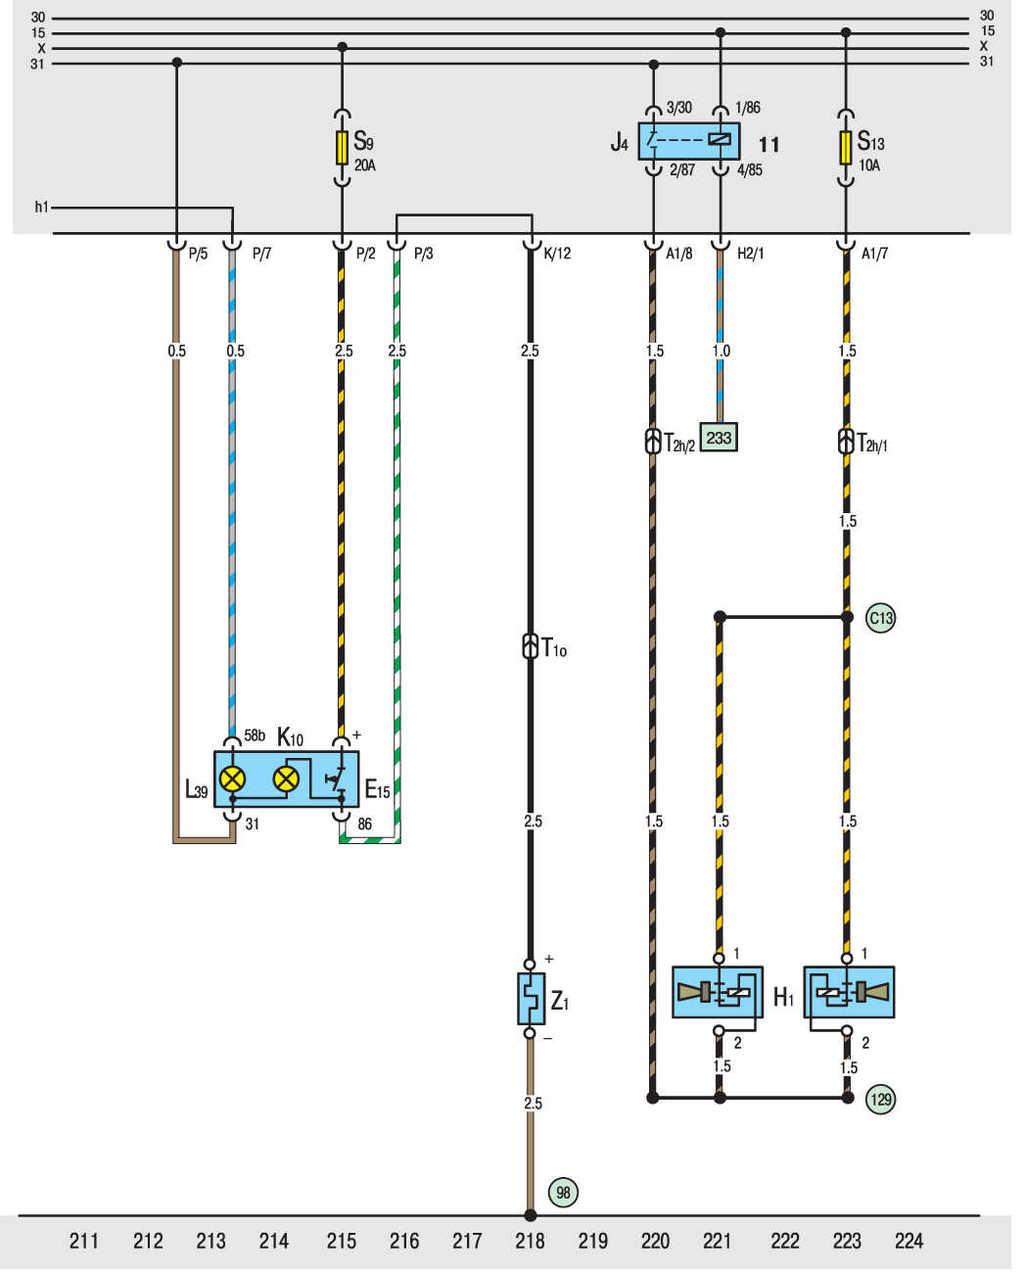 руководство по ремонту и эксплуатации ваз 21074 инжектор скачать